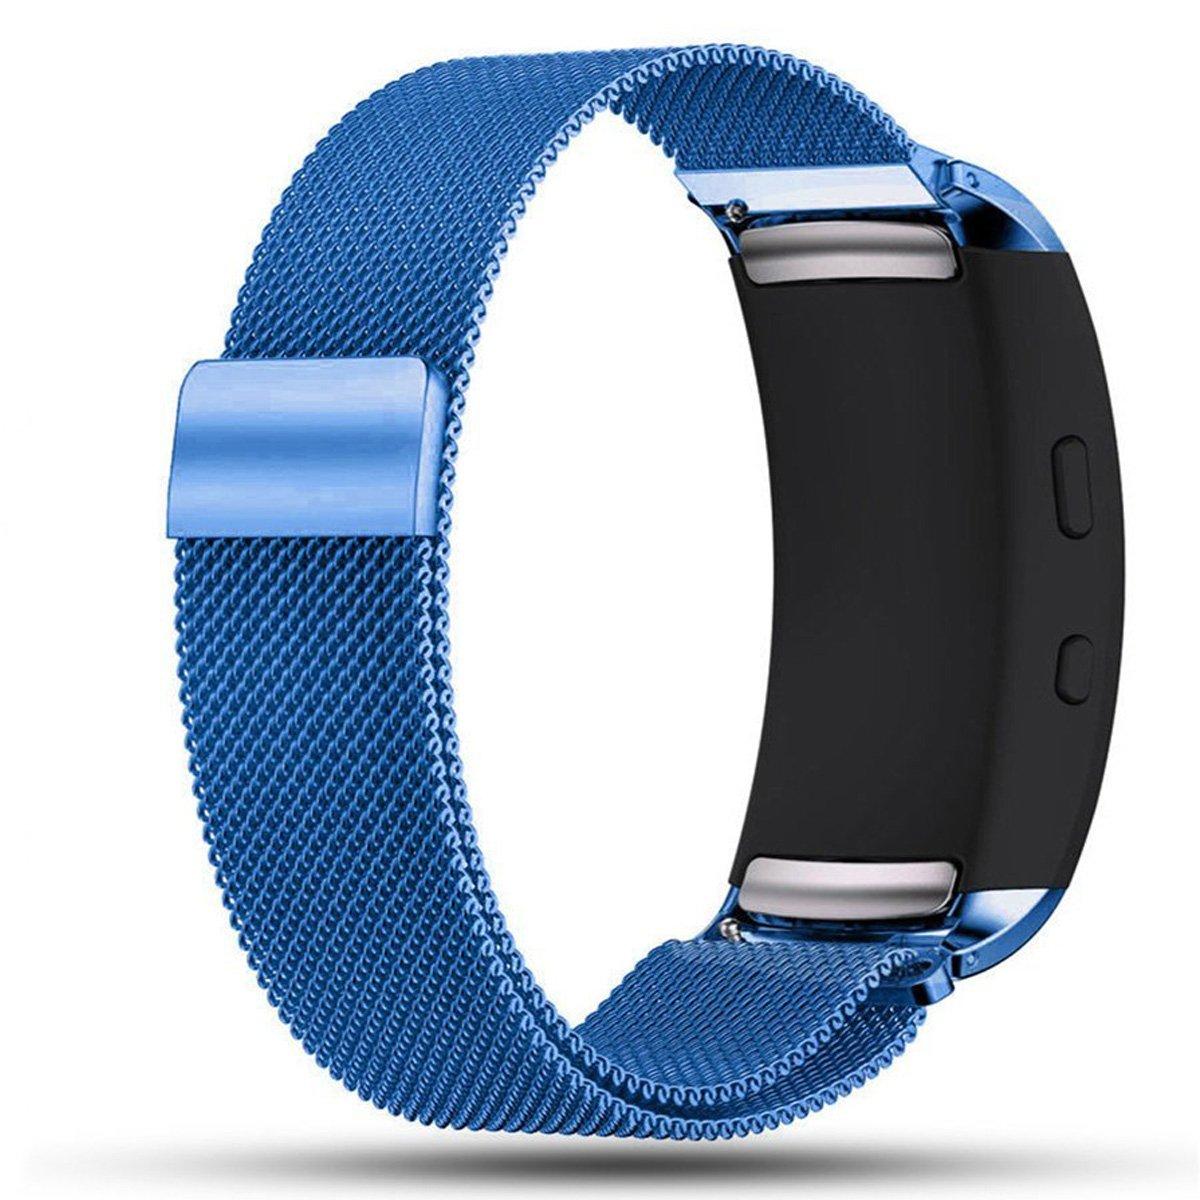 BarRan reg; Gear Fit2/Gear Fit2 Pro Correa de Reloj, Milanesa Loop Correa Acero Inoxidable Brazalete SmartWatch Banda para Samsung Gear Fit 2 ...